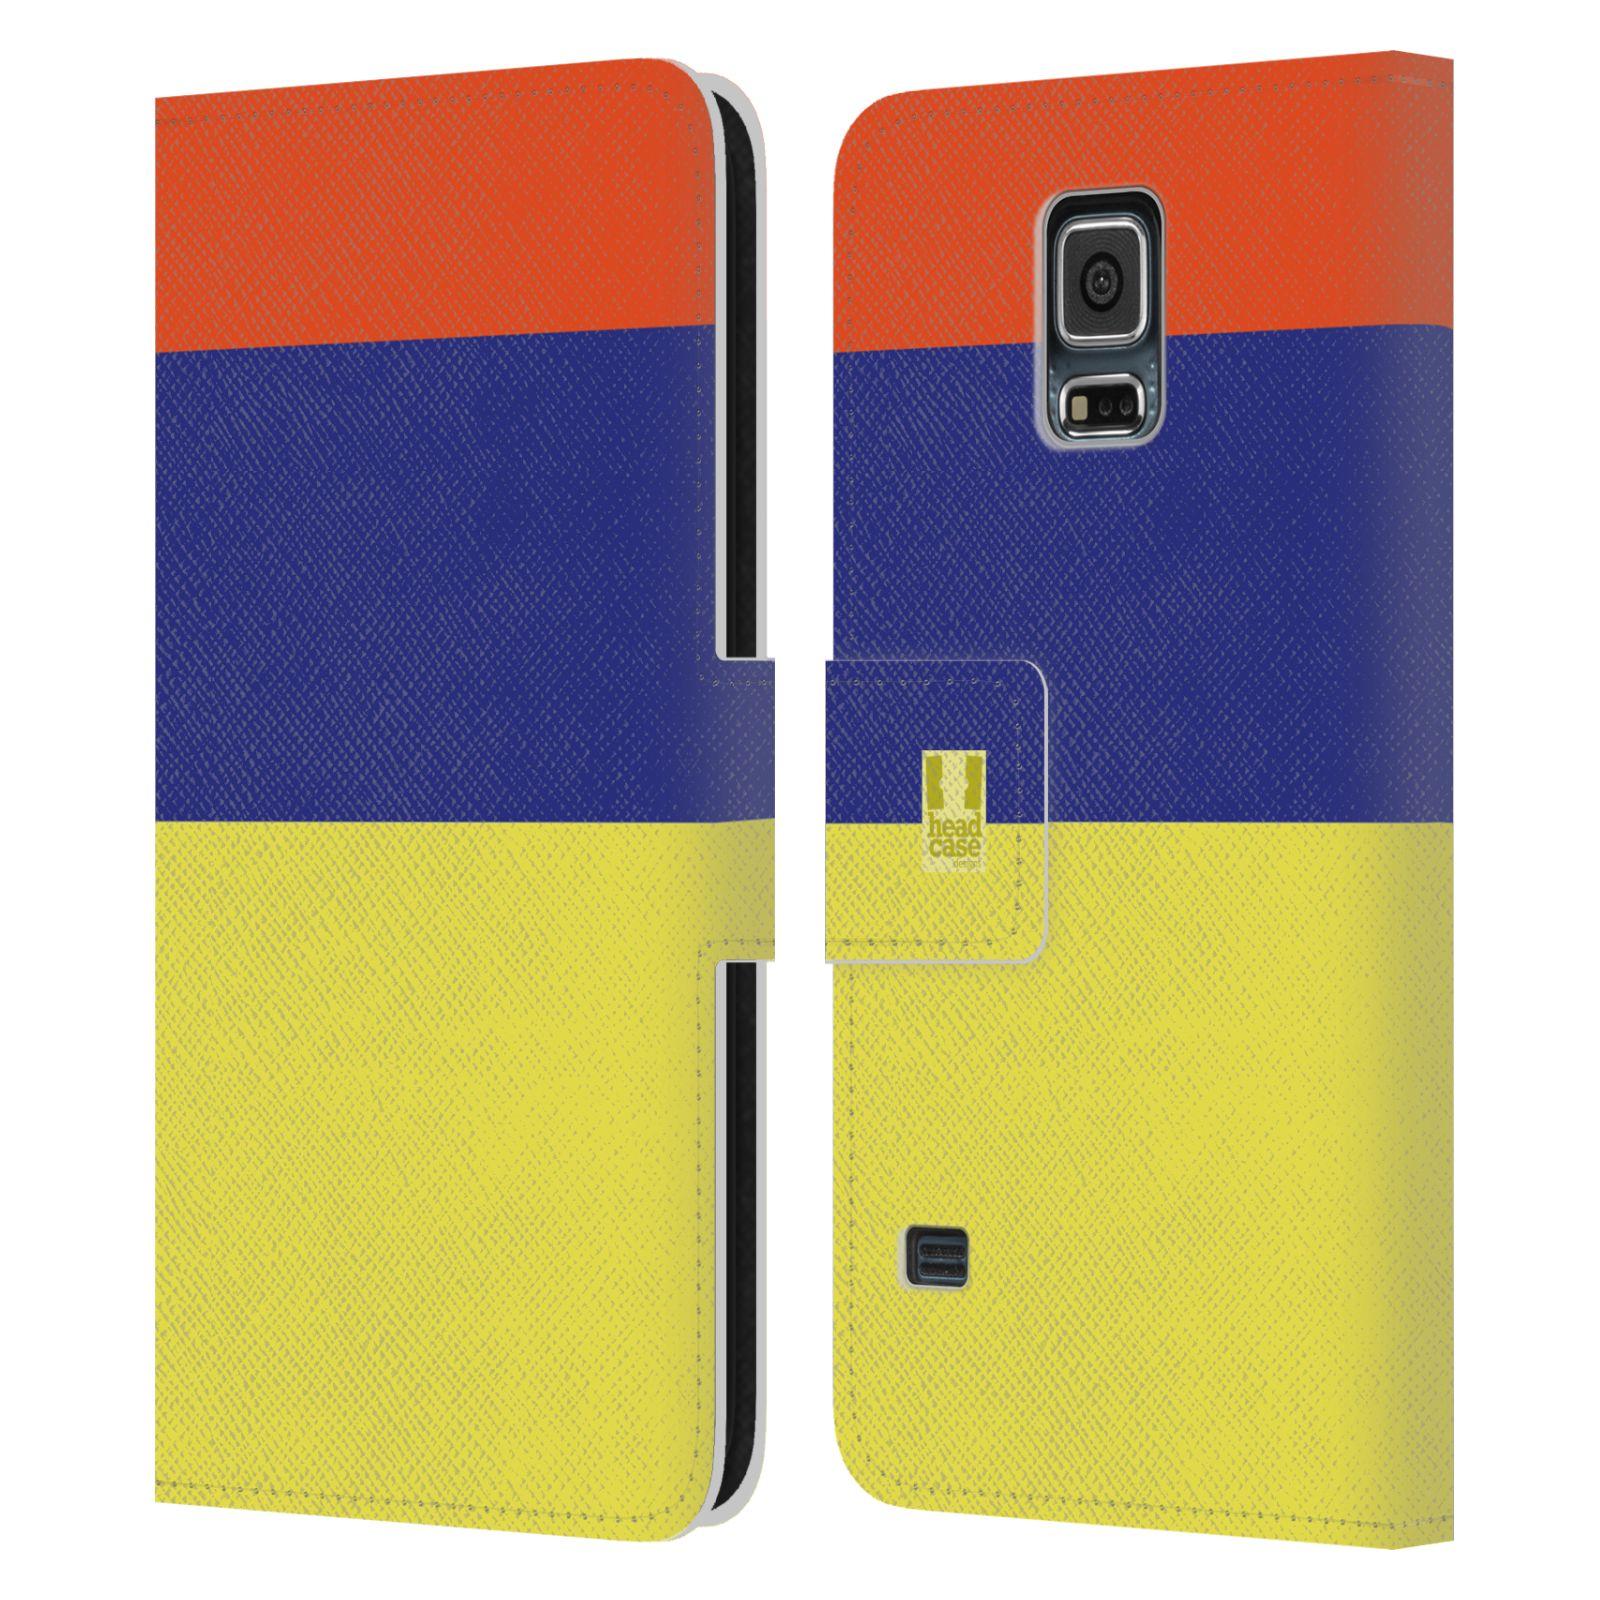 HEAD CASE Flipové pouzdro pro mobil Samsung Galaxy S5 barevné tvary žlutá, modrá, červená